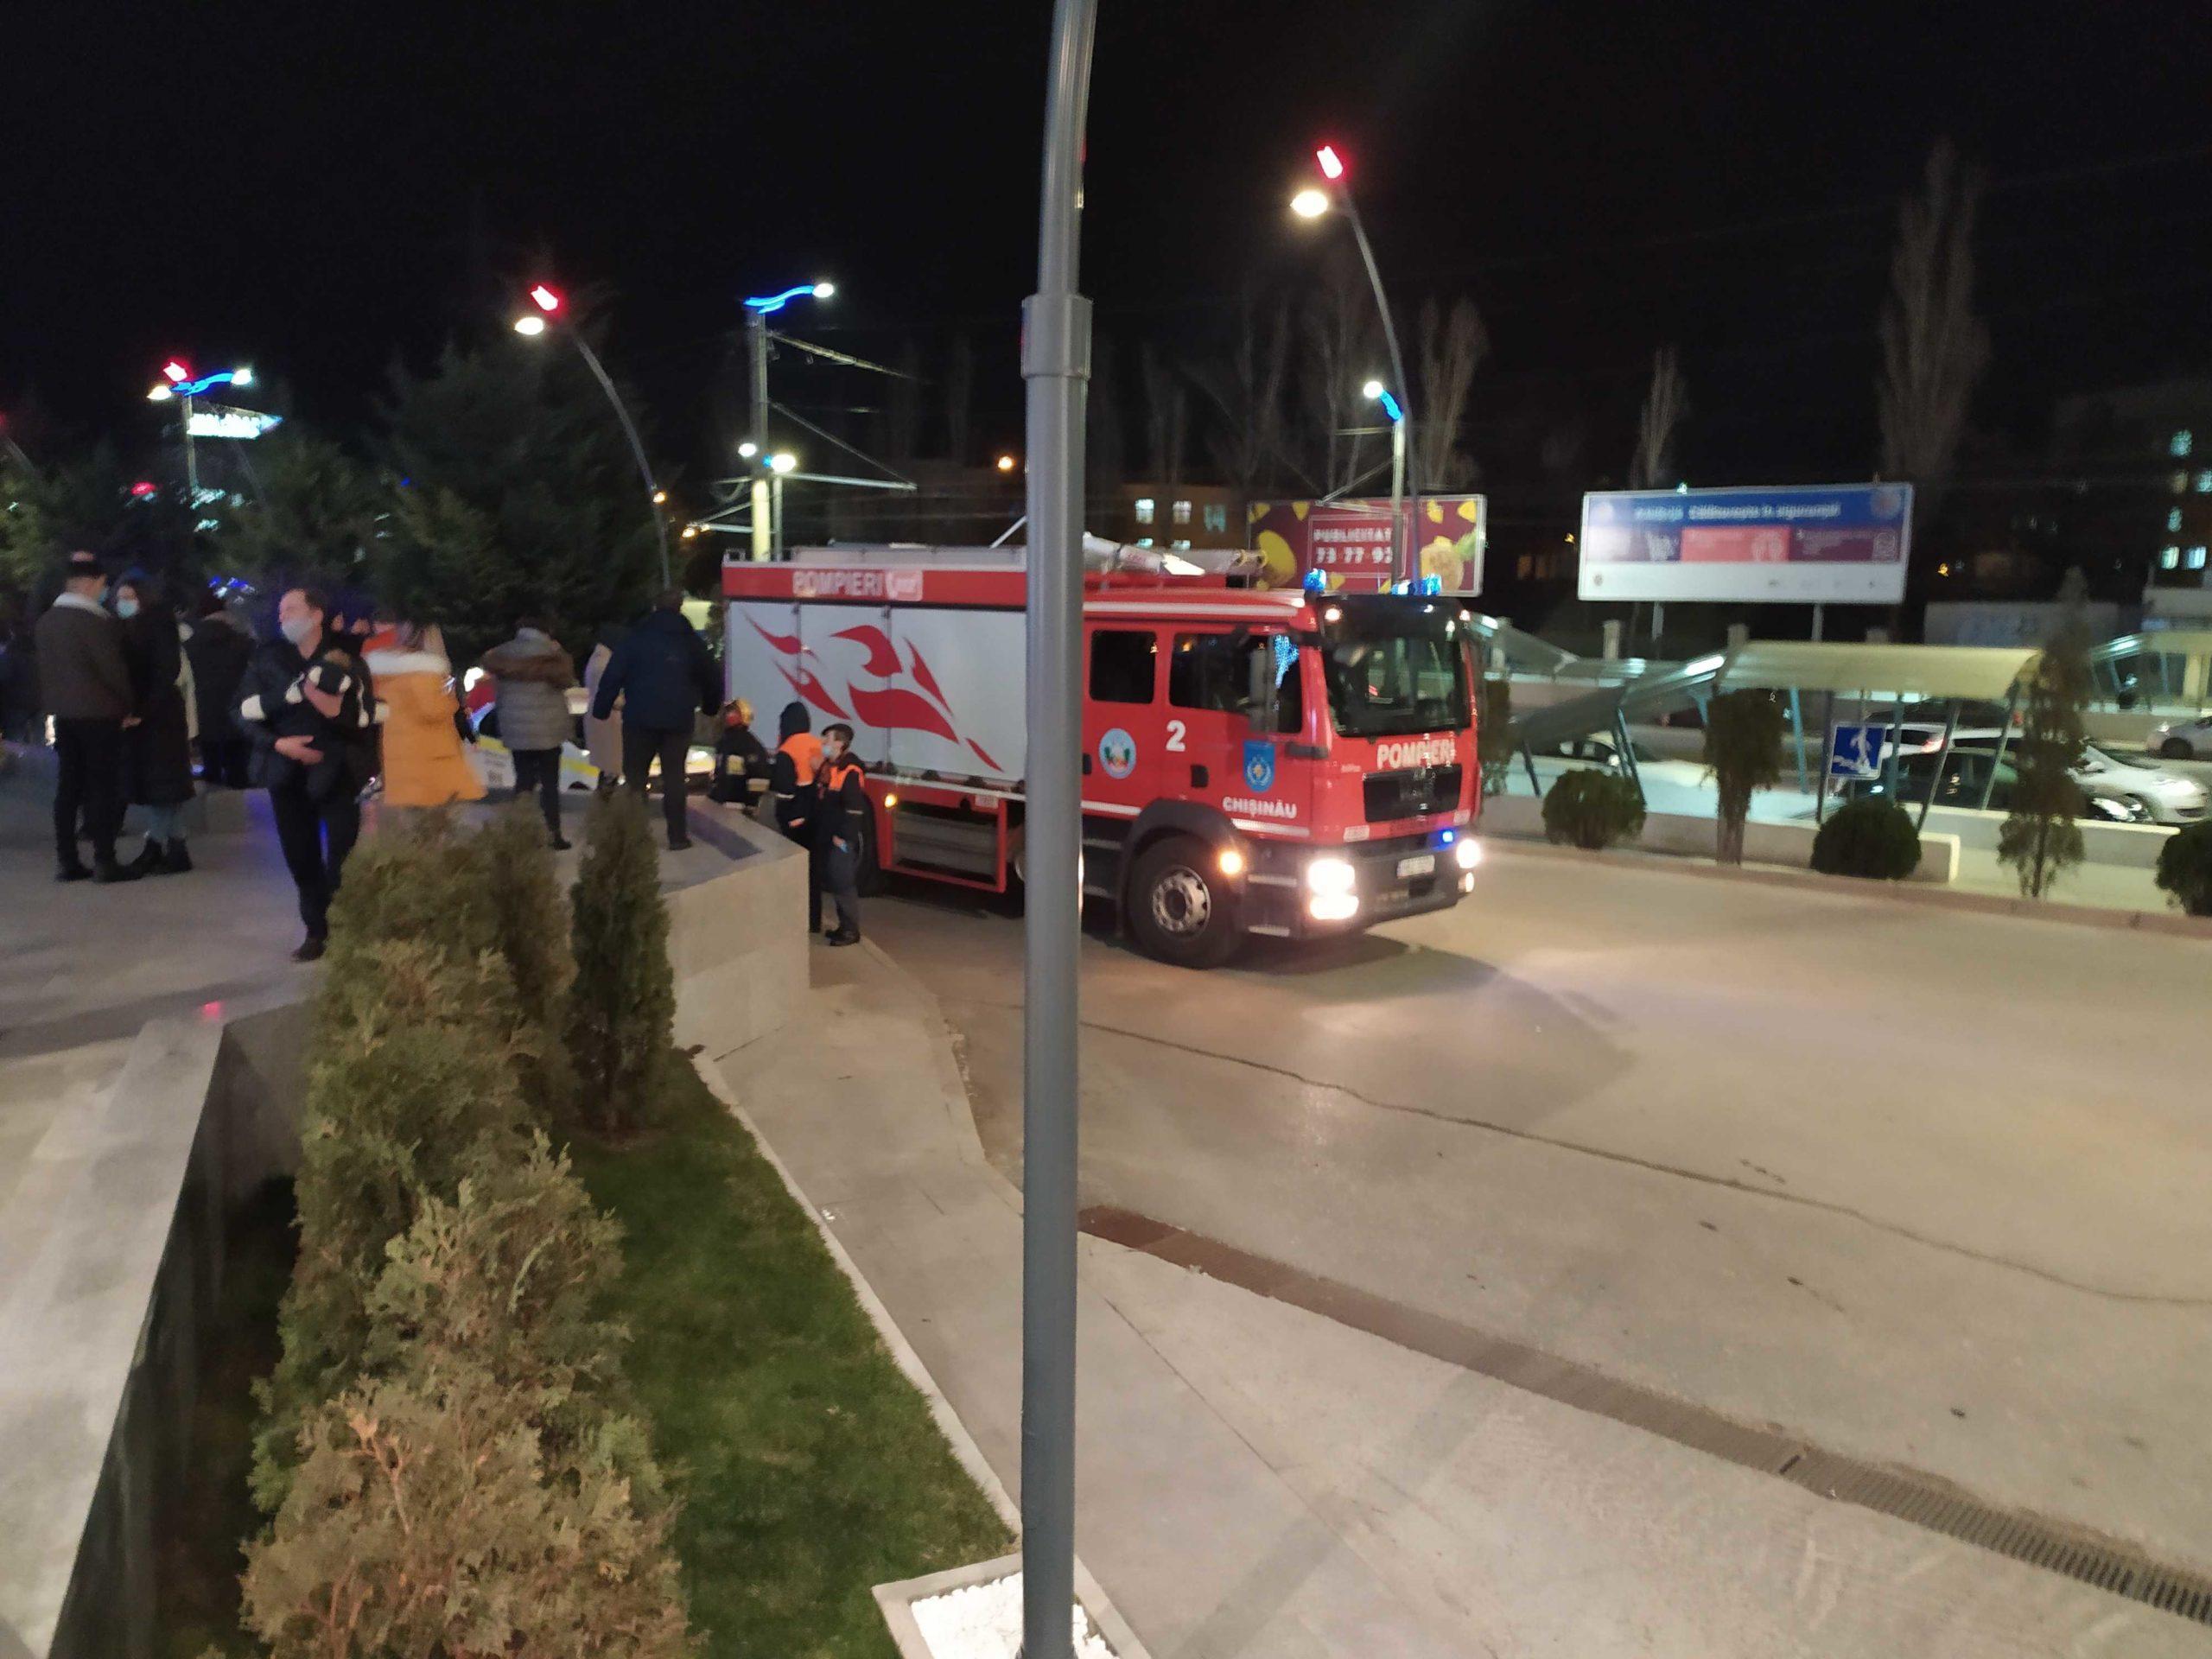 ВКишиневе эвакуировали посетителей иработников торгового центра (ФОТО/ВИДЕО) (ОБНОВЛЕНО)